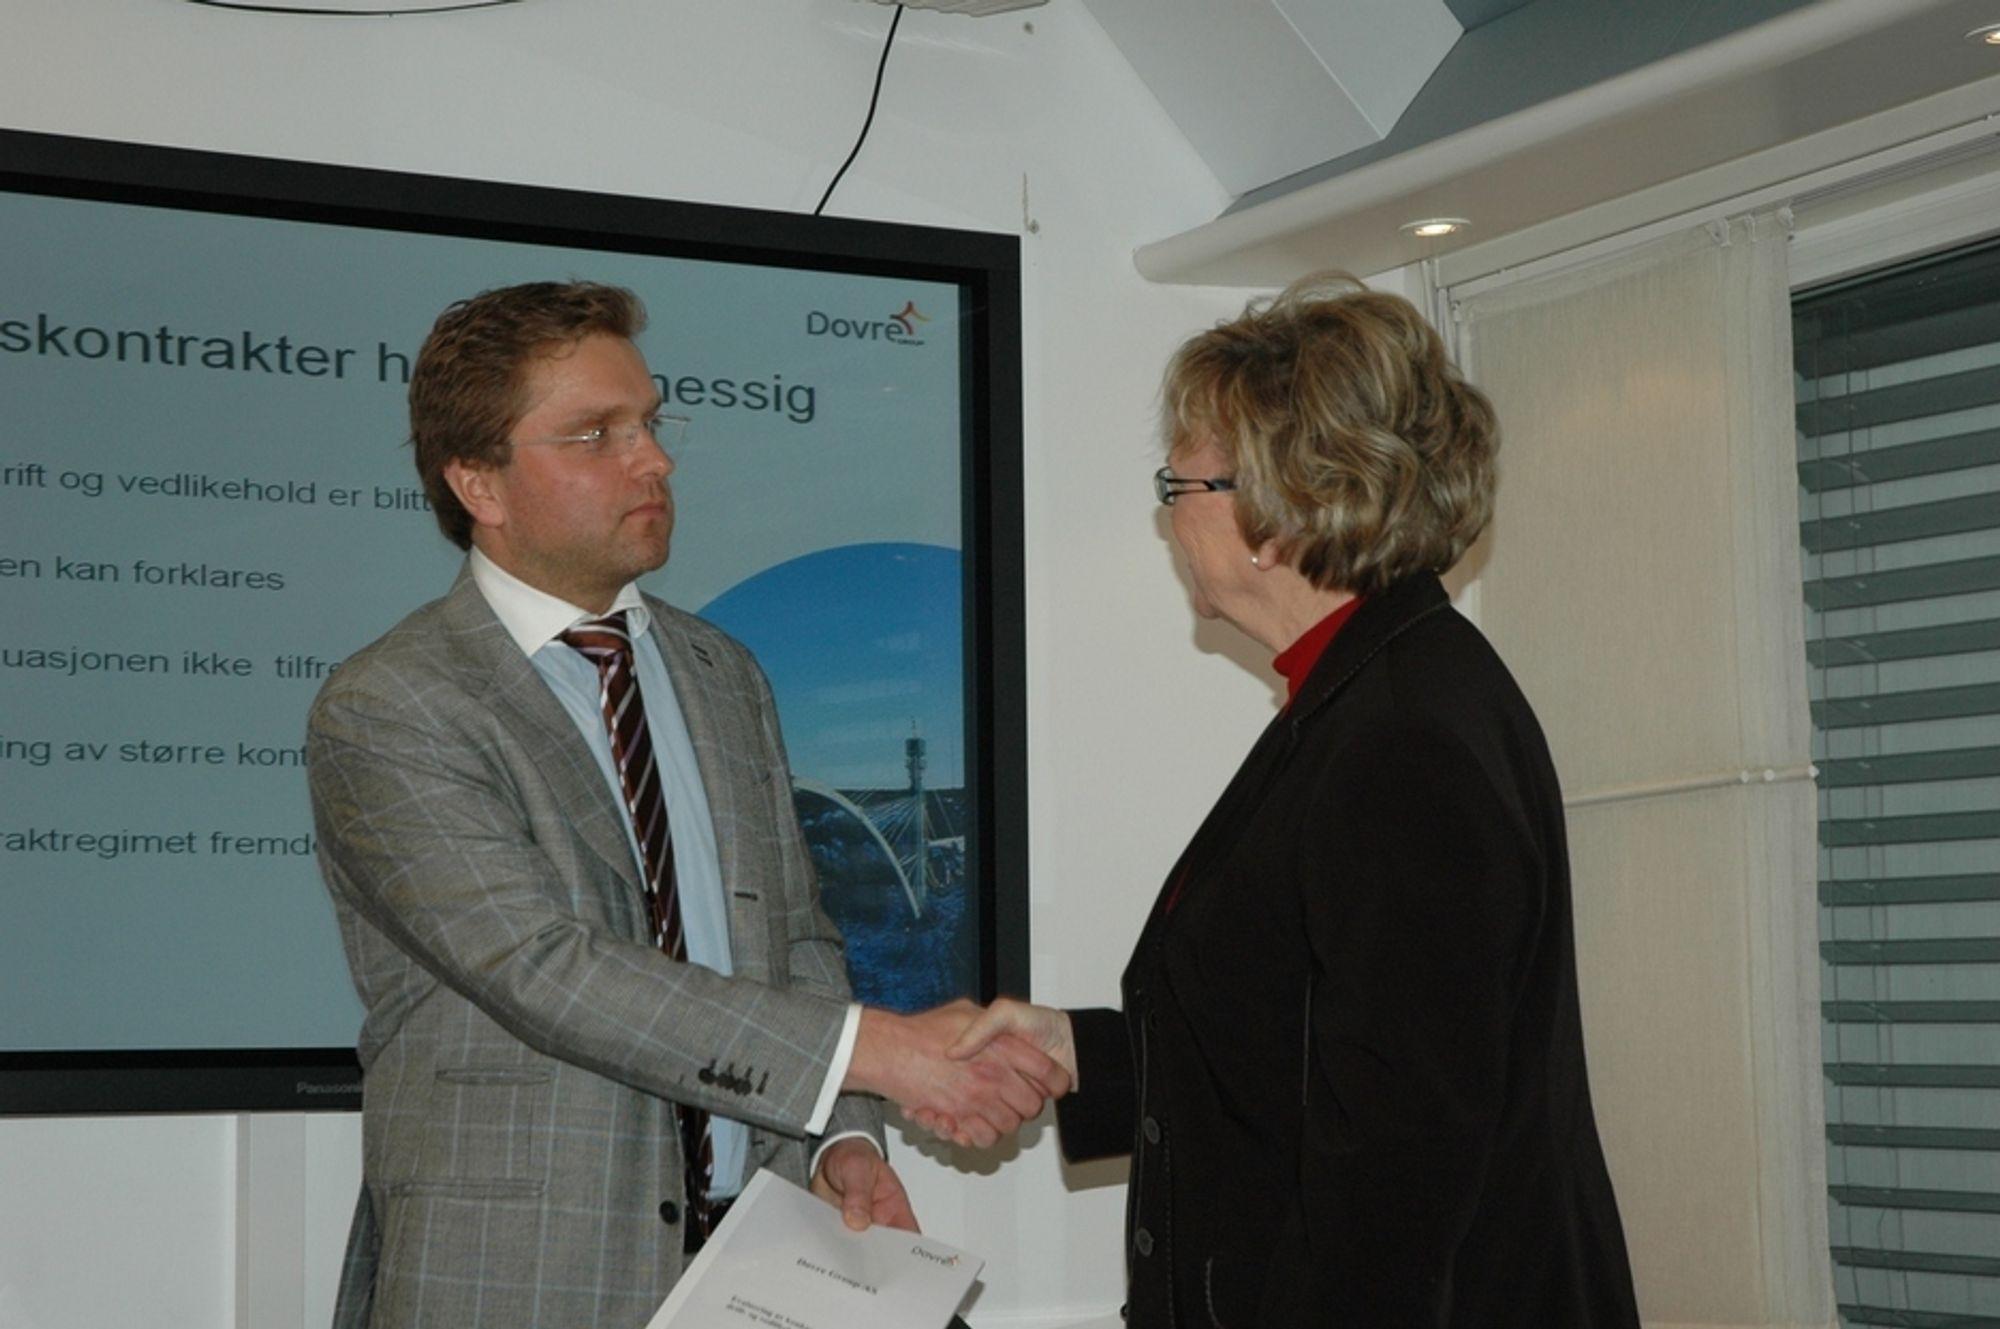 Thorleif Sunde i Dovre Group overleverer evalueringsrapporten om funksjonskontrakter til statsråd Magnhild Meltveit Kleppa.